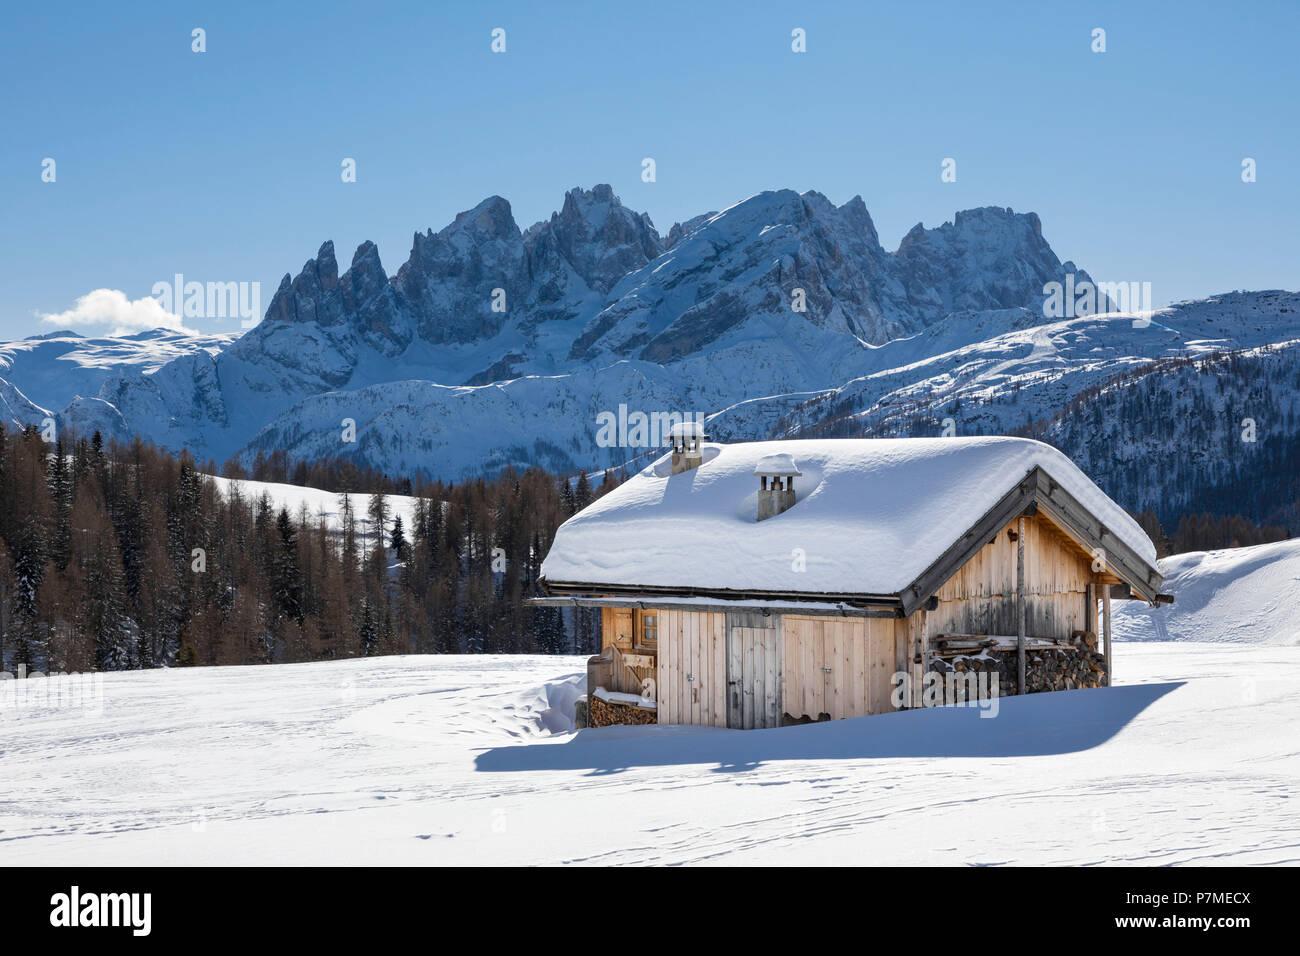 View on the Pale Group, Pale di San Martino, from the small village called Fuciade in San Pellegrino Pass, Soraga di Fassa, Biois Valley, Trento province, Trentino-Alto Adige, Italy, Europe, Stock Photo